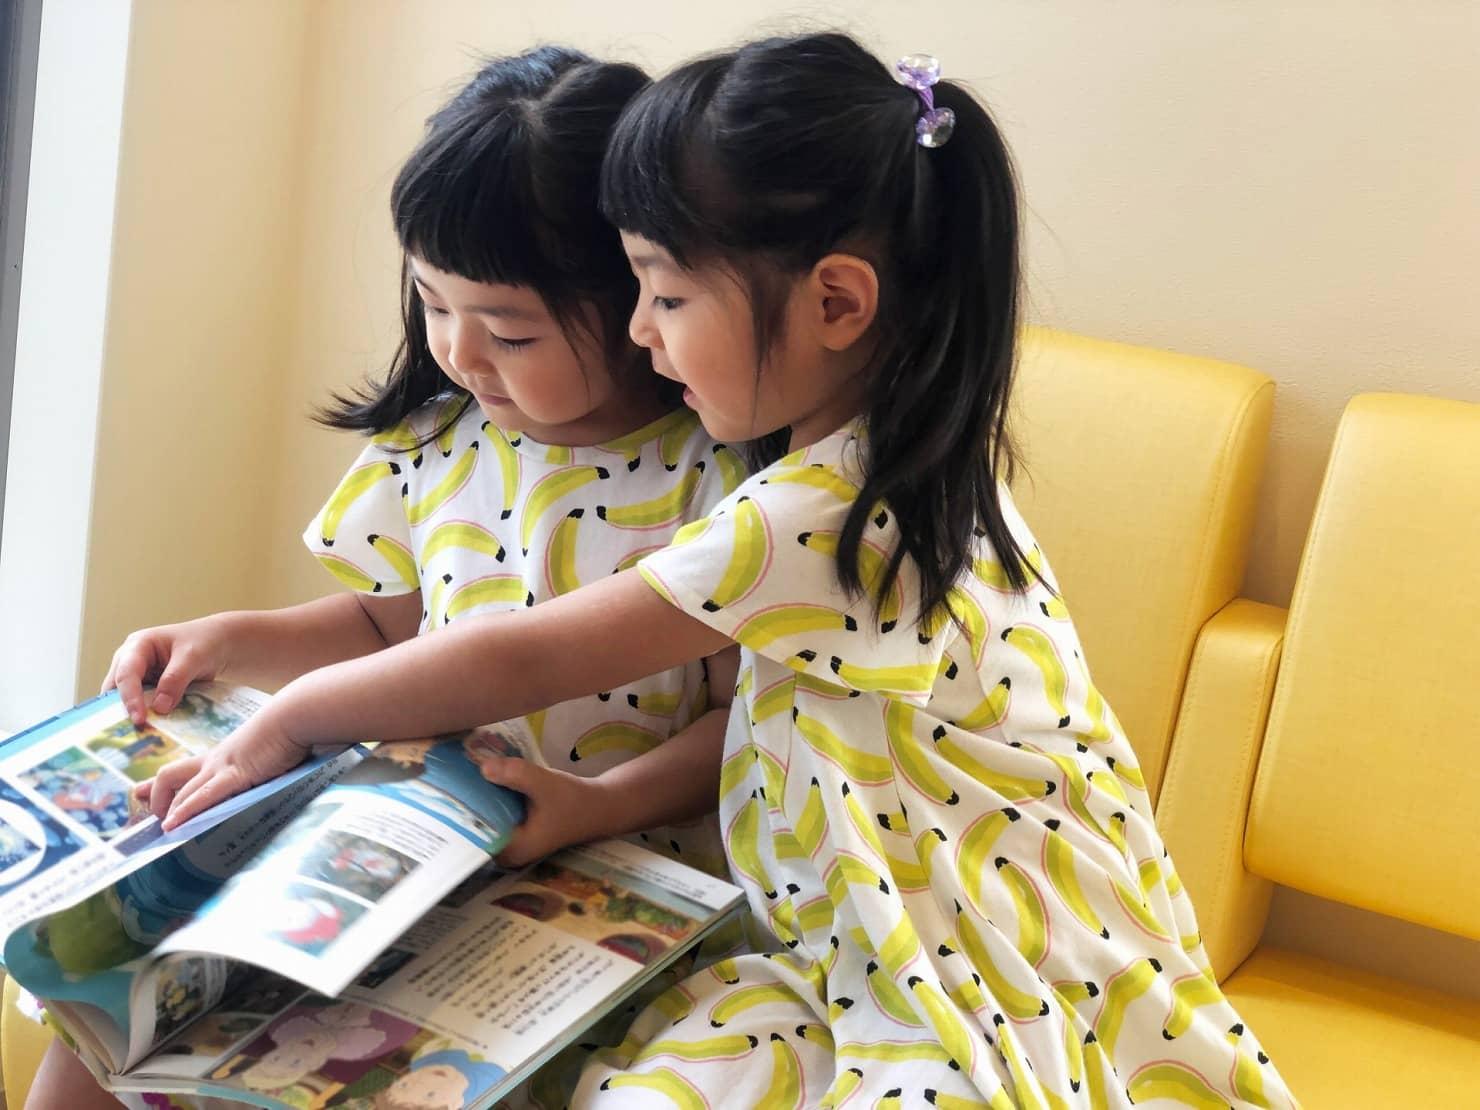 【0歳~5歳】飛び出す絵本・しかけ絵本の選び方、おすすめは? 恐竜やディズニーなど大人も楽しめる人気絵本も紹介!